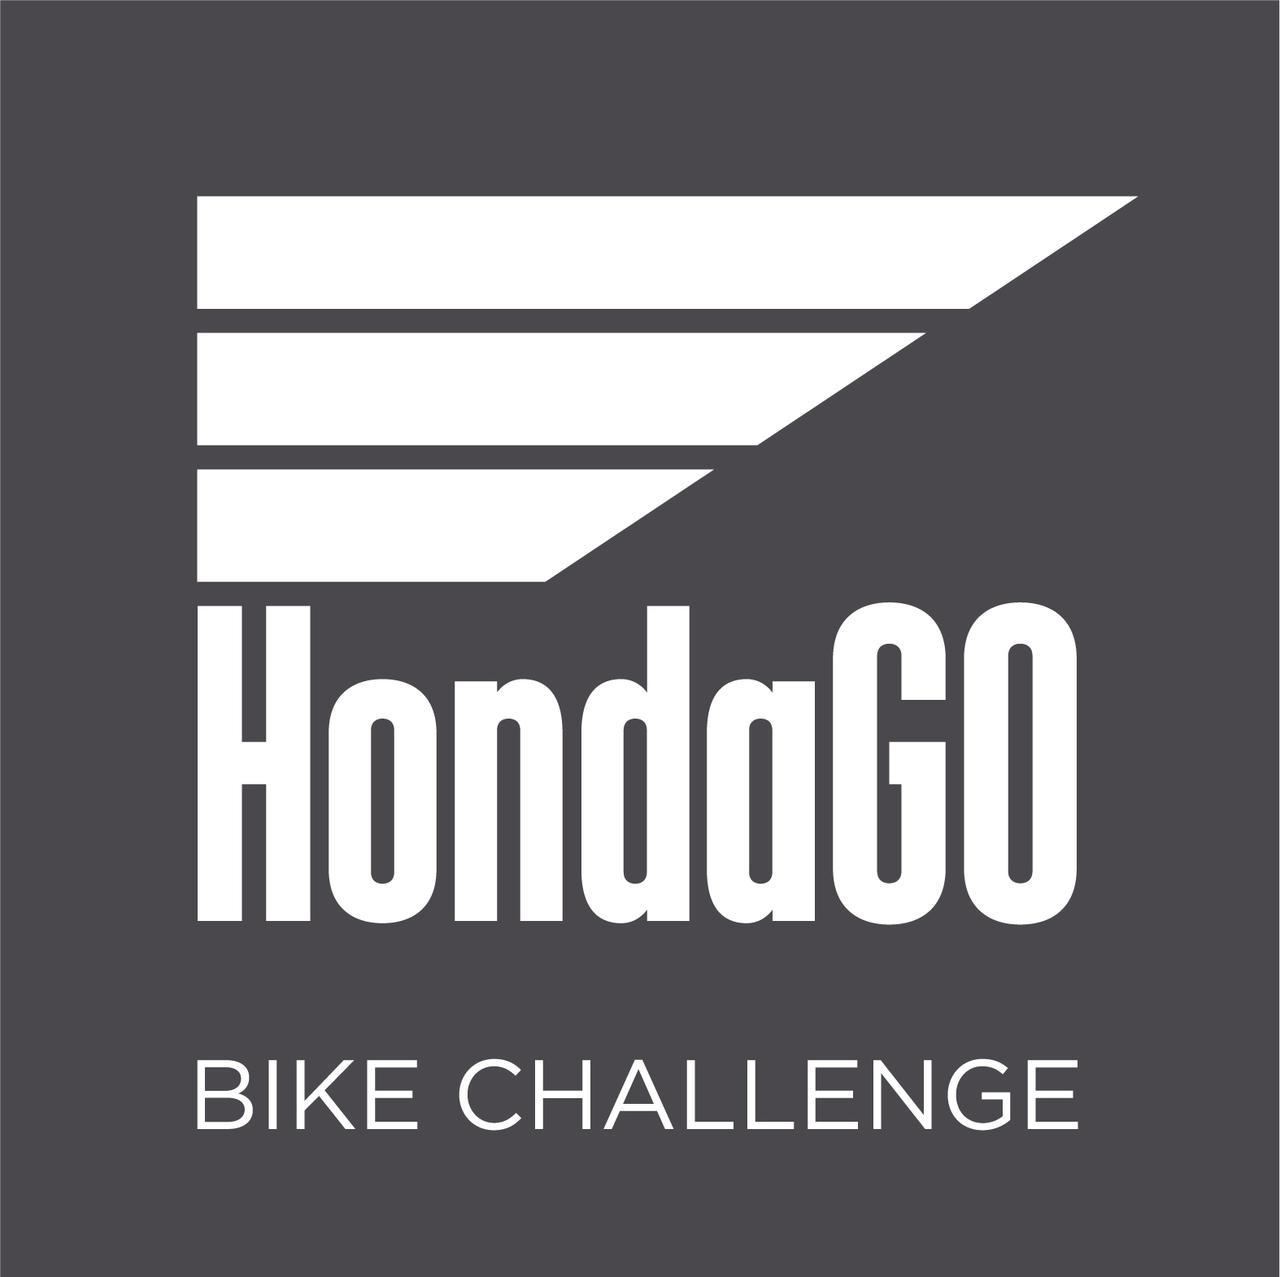 画像: 「HondaGO BIKE CHALLENGE」は、屋外フェスでのHondaGOブースの出展!